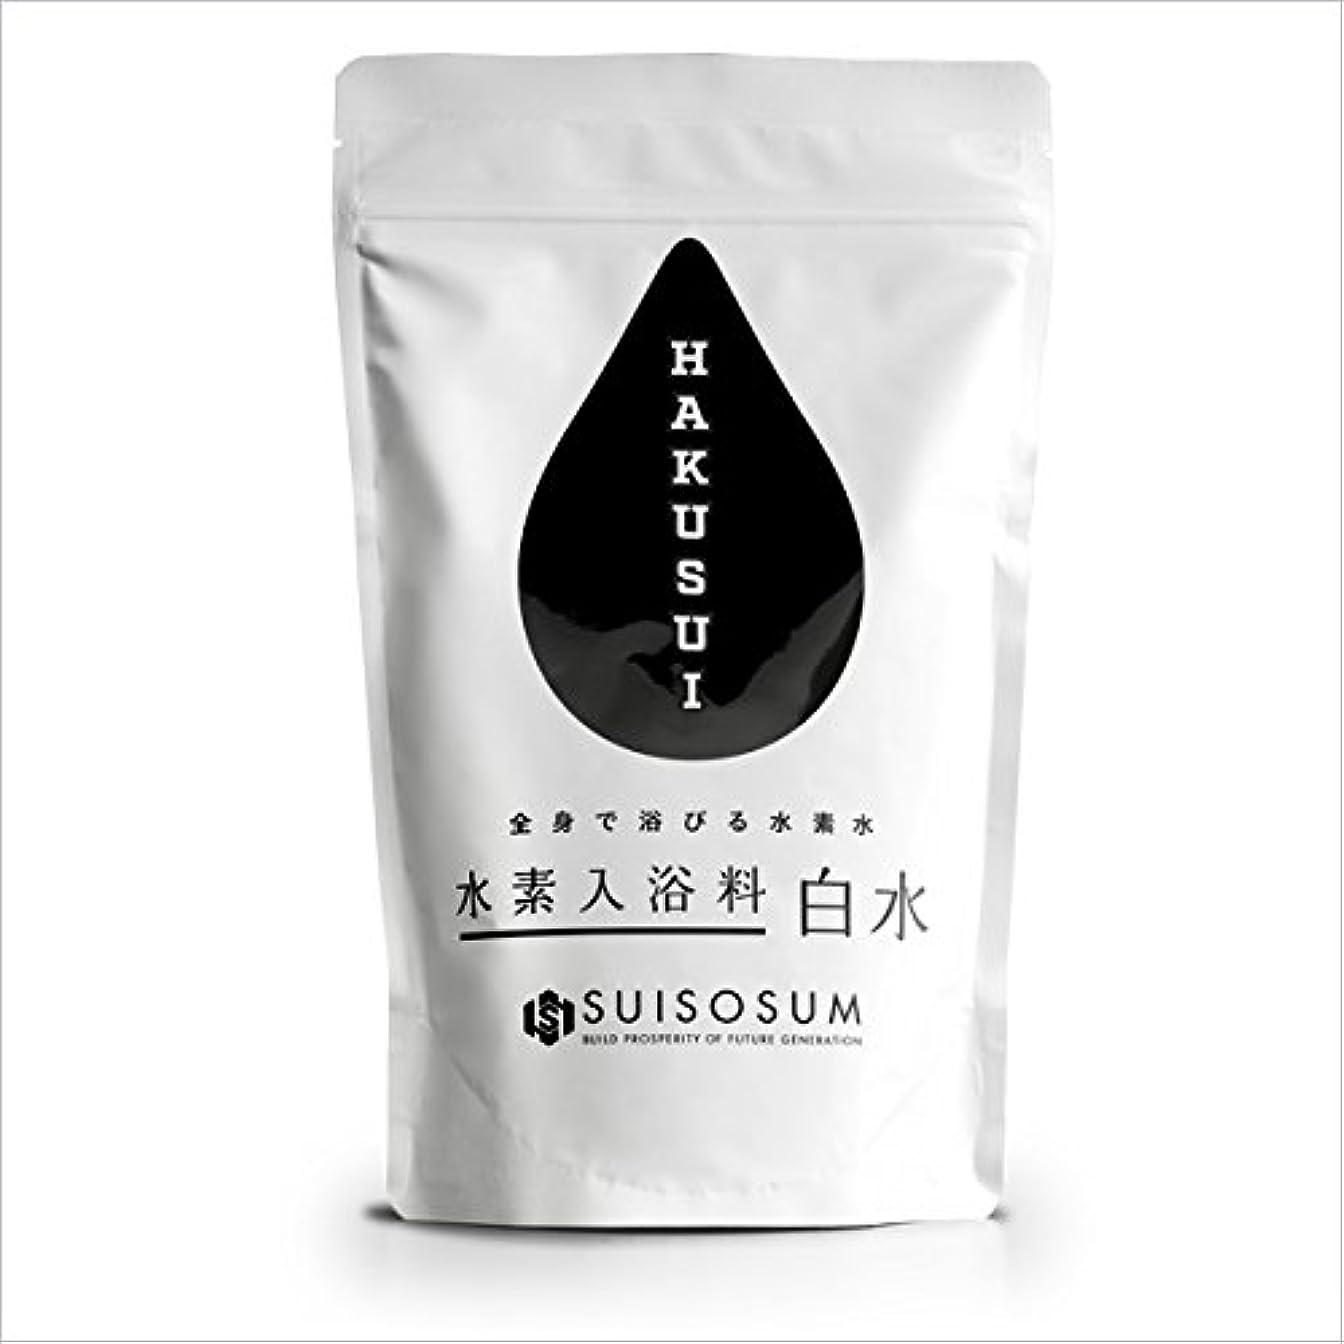 卒業感嘆符恥ずかしい【HAKUSUI】水素入浴料 白水(750g)